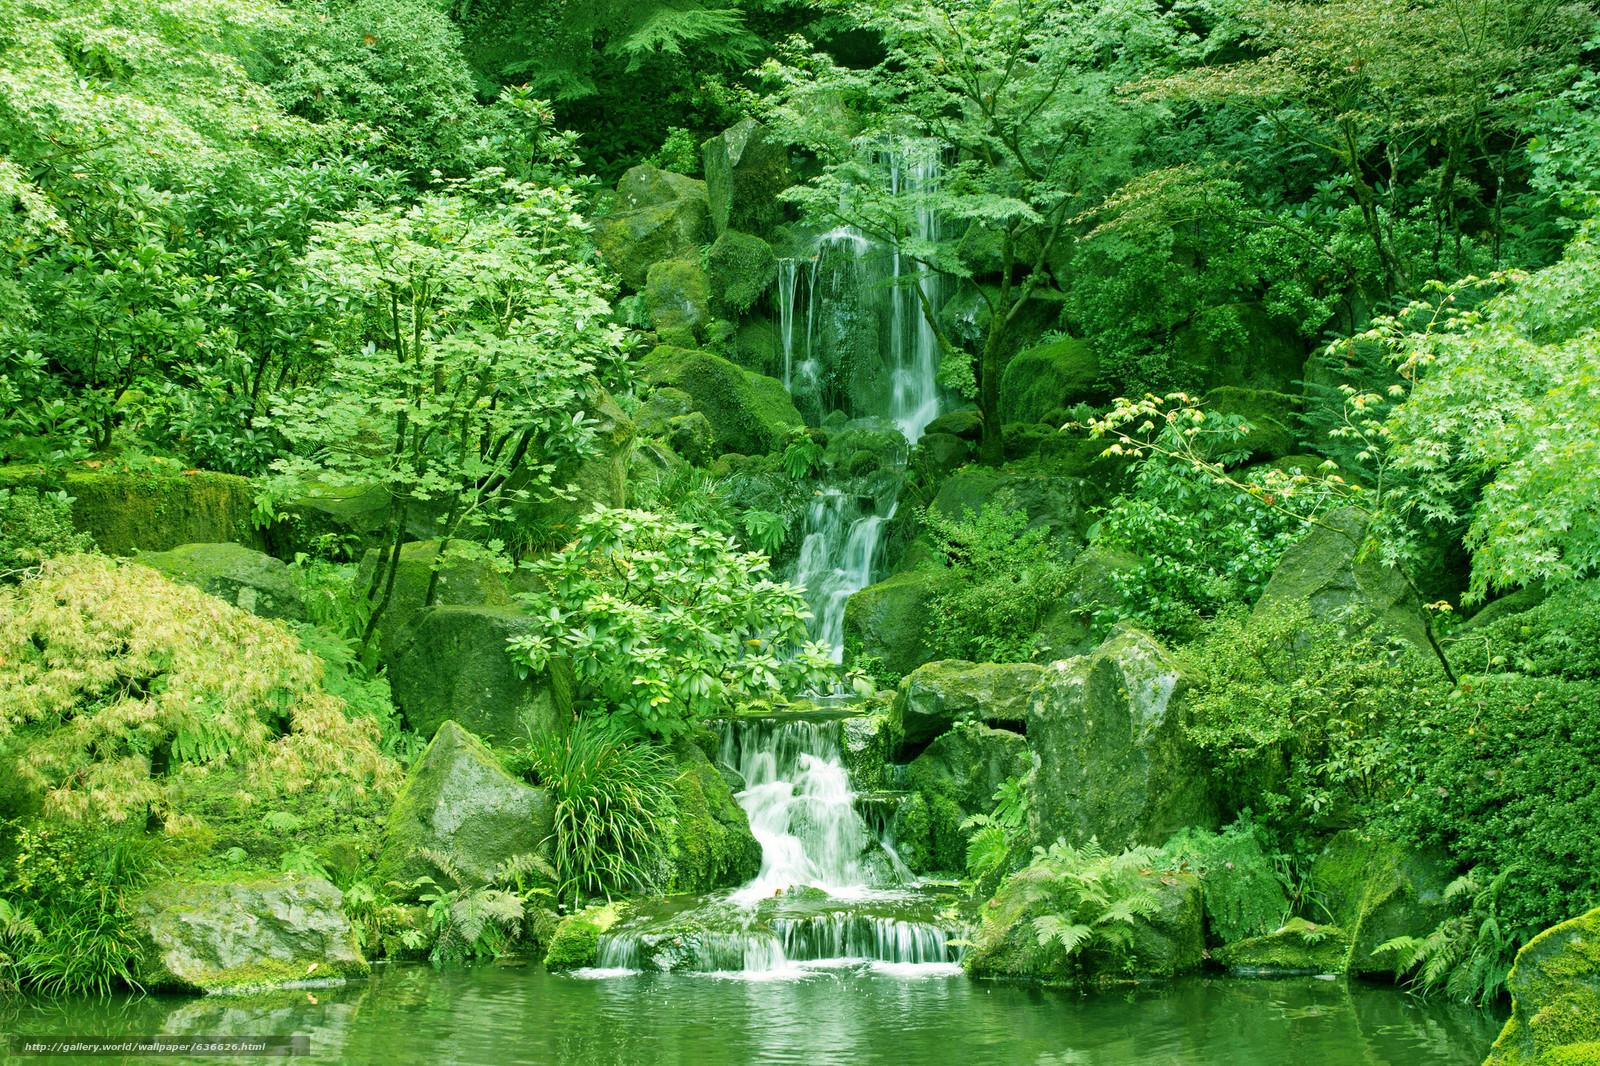 Скачать обои Japanese Garden,  Washington Park,  Portland,  Oregon бесплатно для рабочего стола в разрешении 2048x1365 — картинка №636626